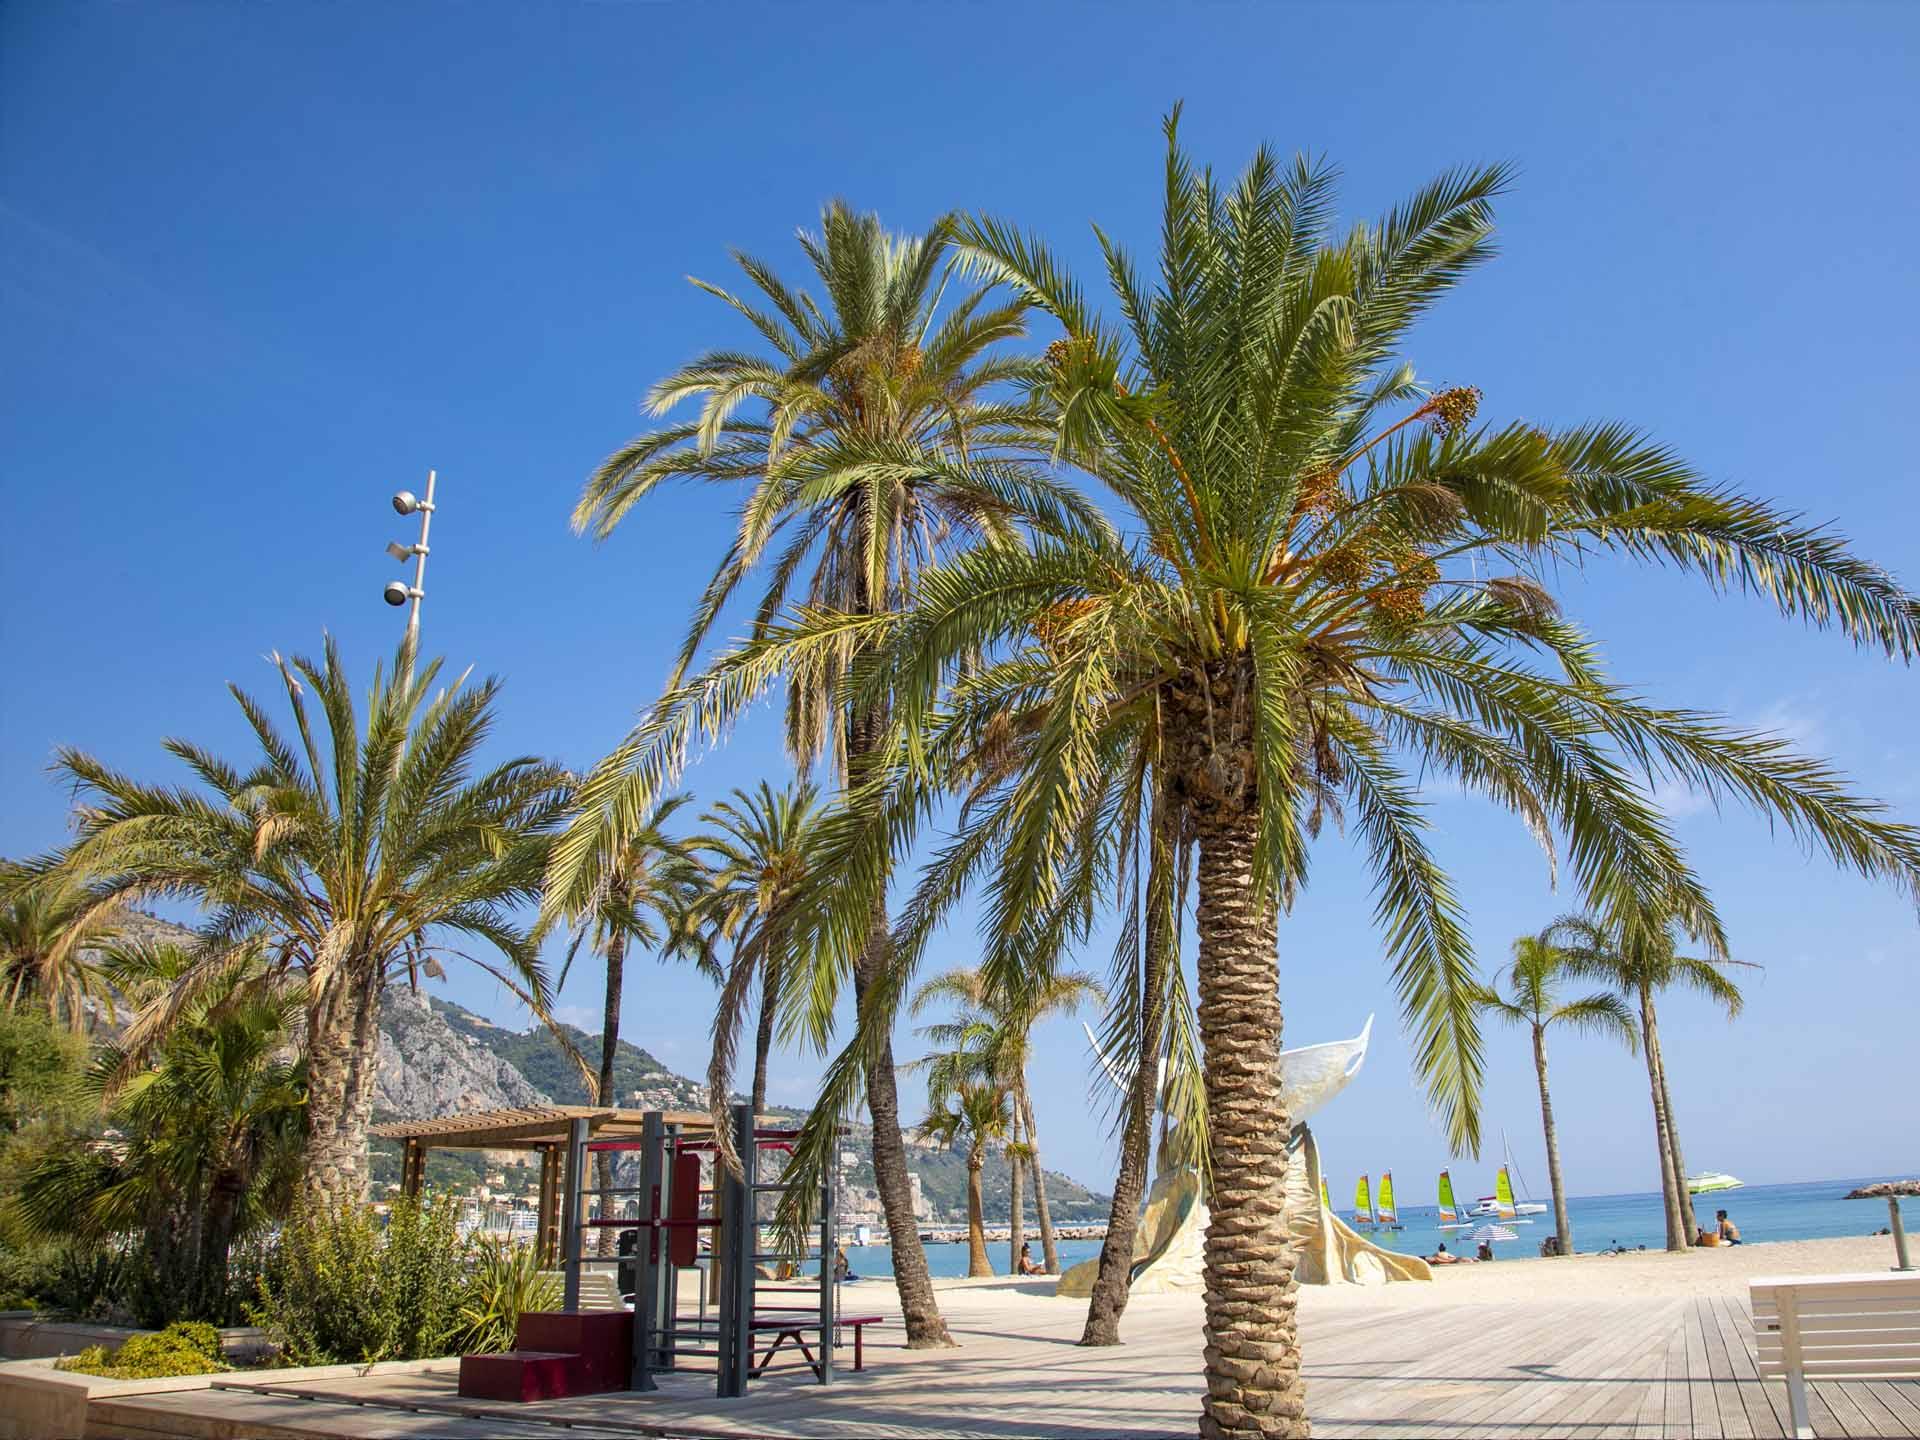 Photo de la plage des Sablettes avec les palmiers et l'aire de fitness AirFit